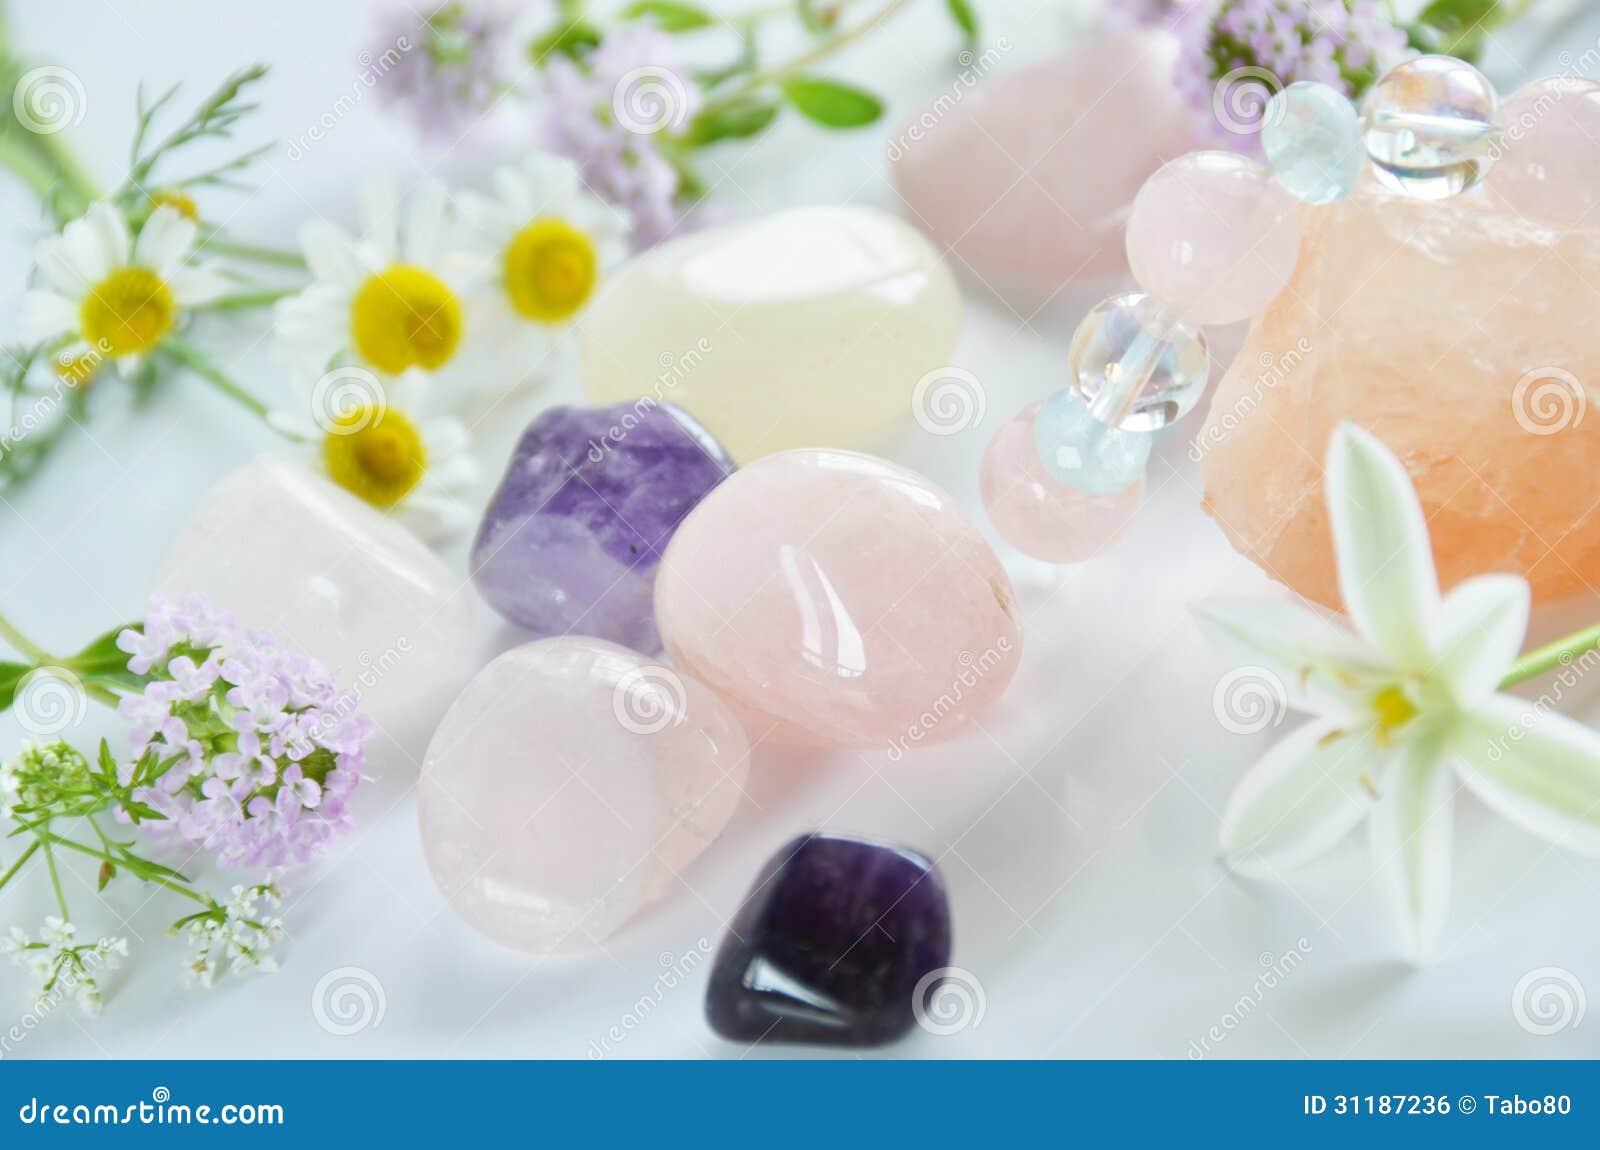 Pedras preciosas com flores imagem de stock royalty free imagem 31187236 - Fotos flores preciosas ...